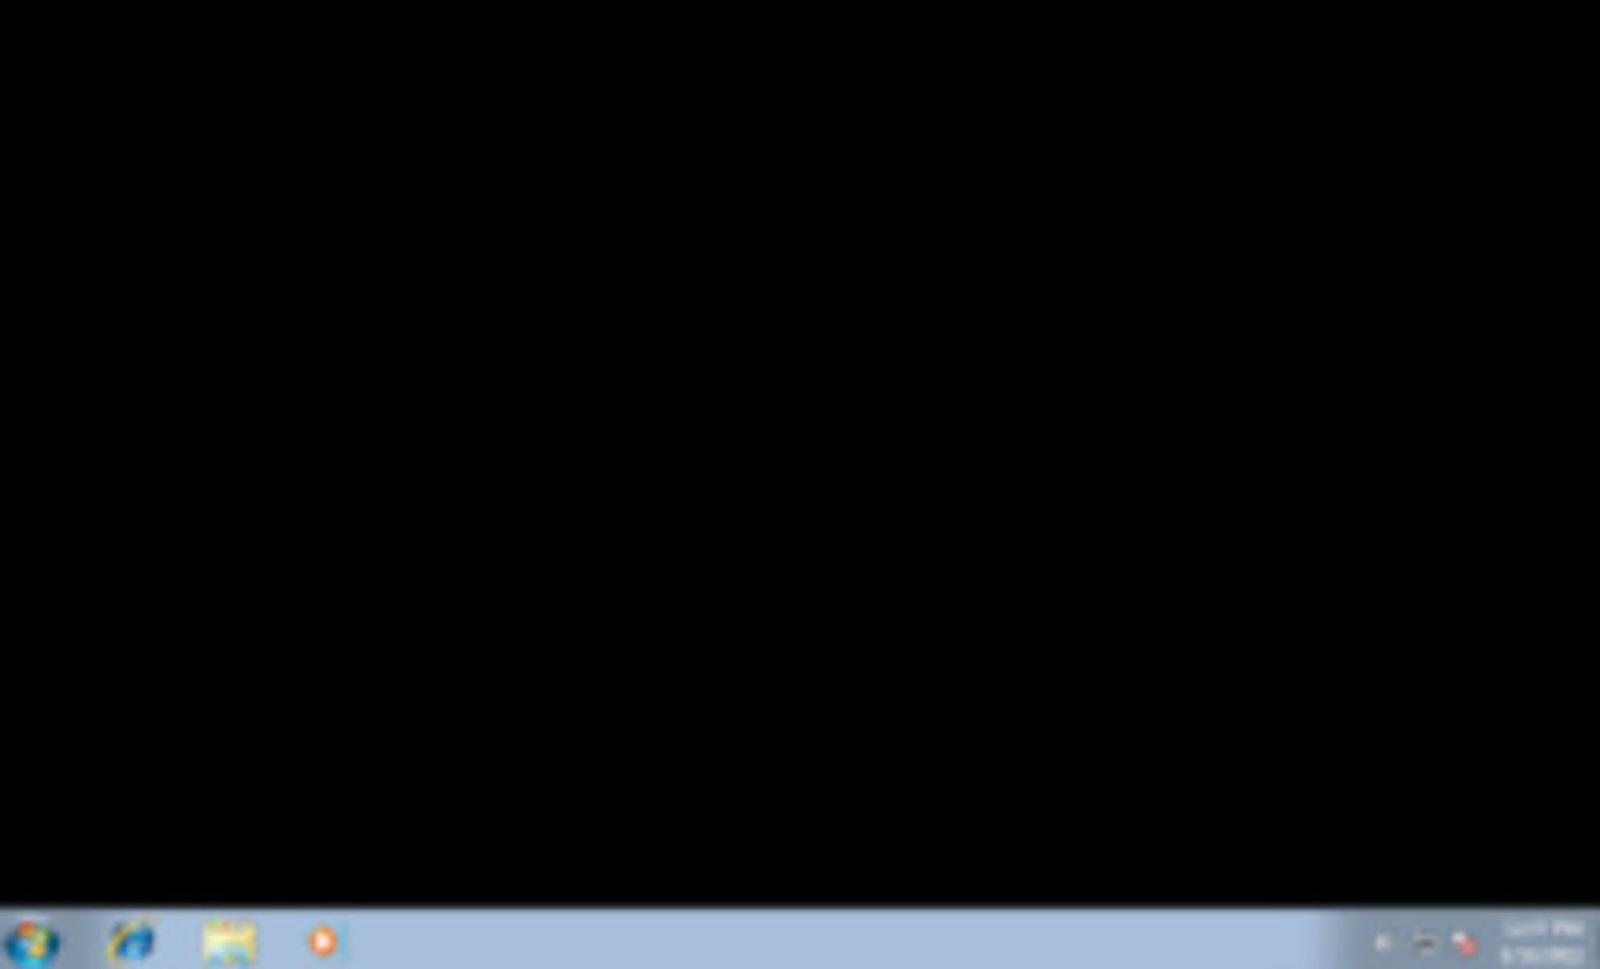 حل مشكلة الشاشة السوداء في ويندوز 7 بثمان طرق